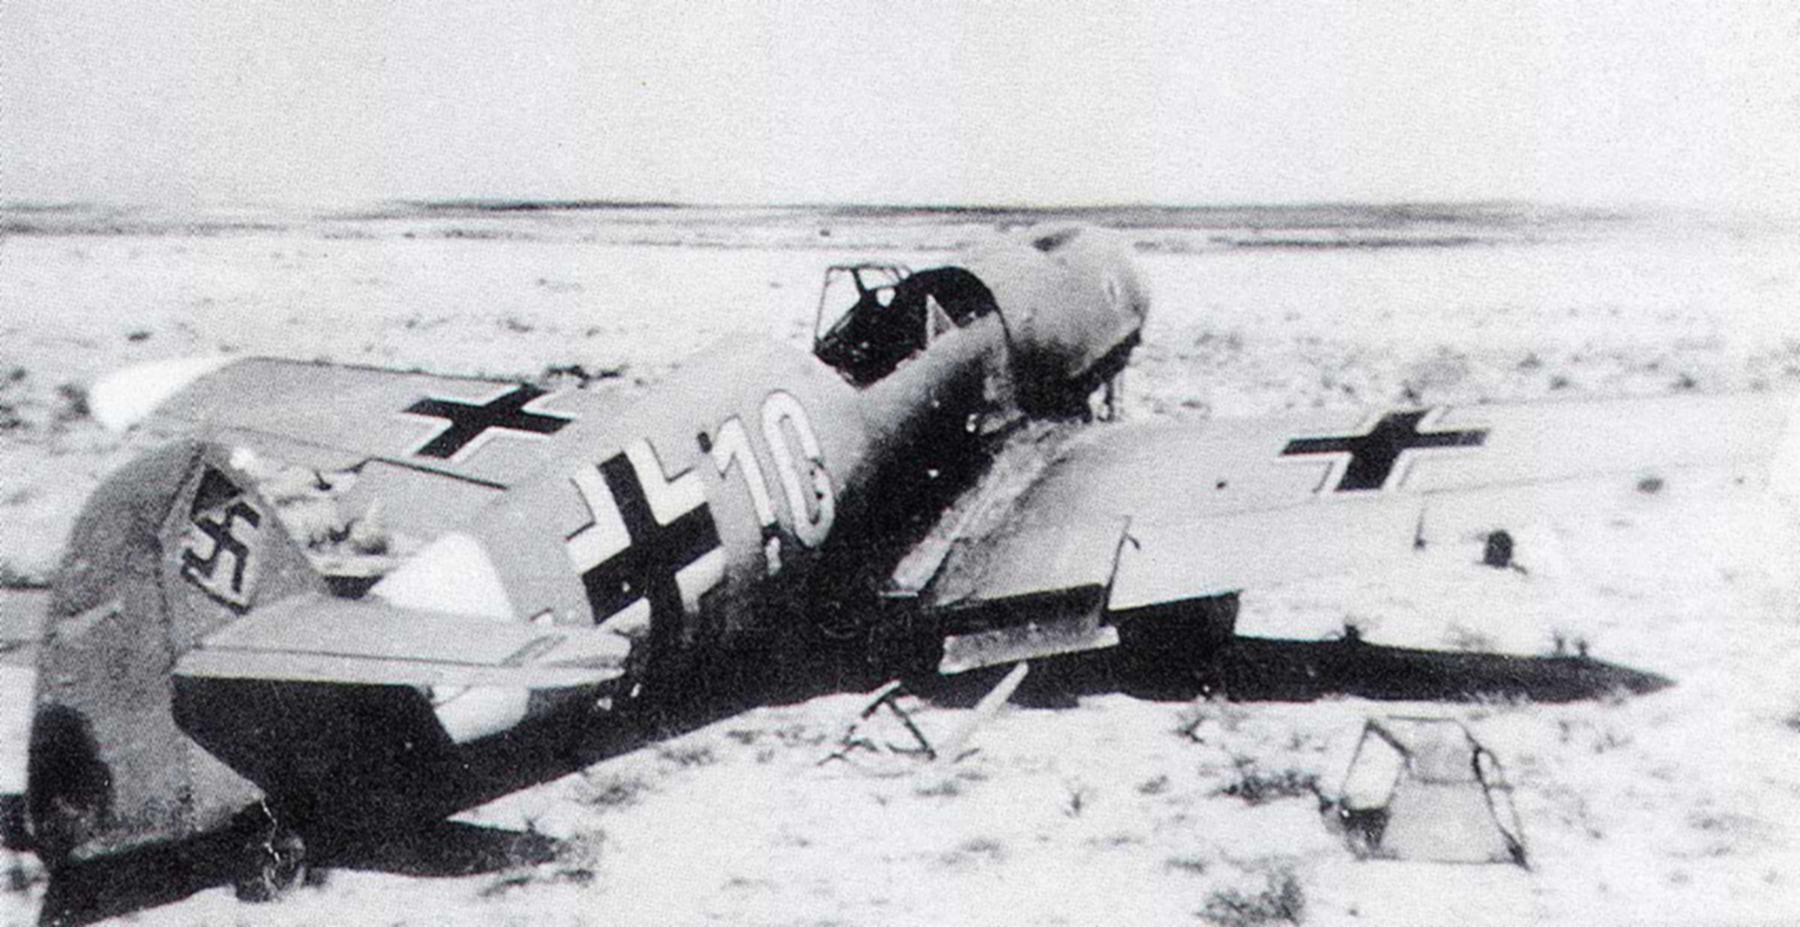 Messerschmitt Bf 109F4Trop 6.JG27 Yellow 10 abandoned North Africa 1942 01